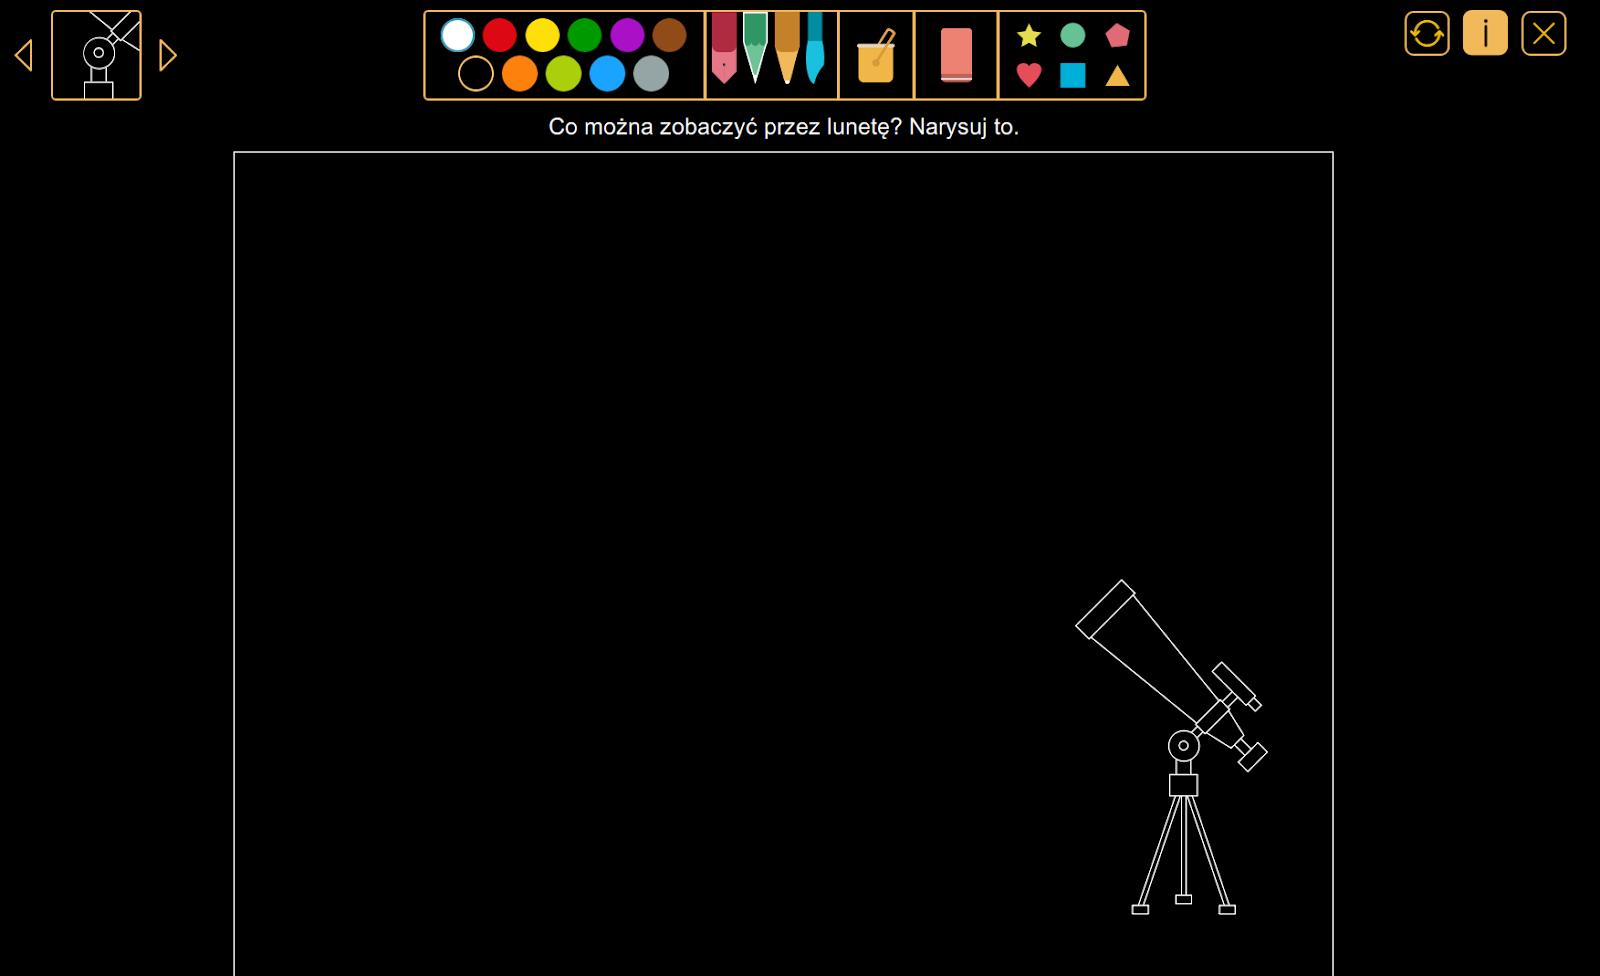 Wyobraź sobie - Co można zobaczyć przez lunetę? z pakietu W krainie kolorów